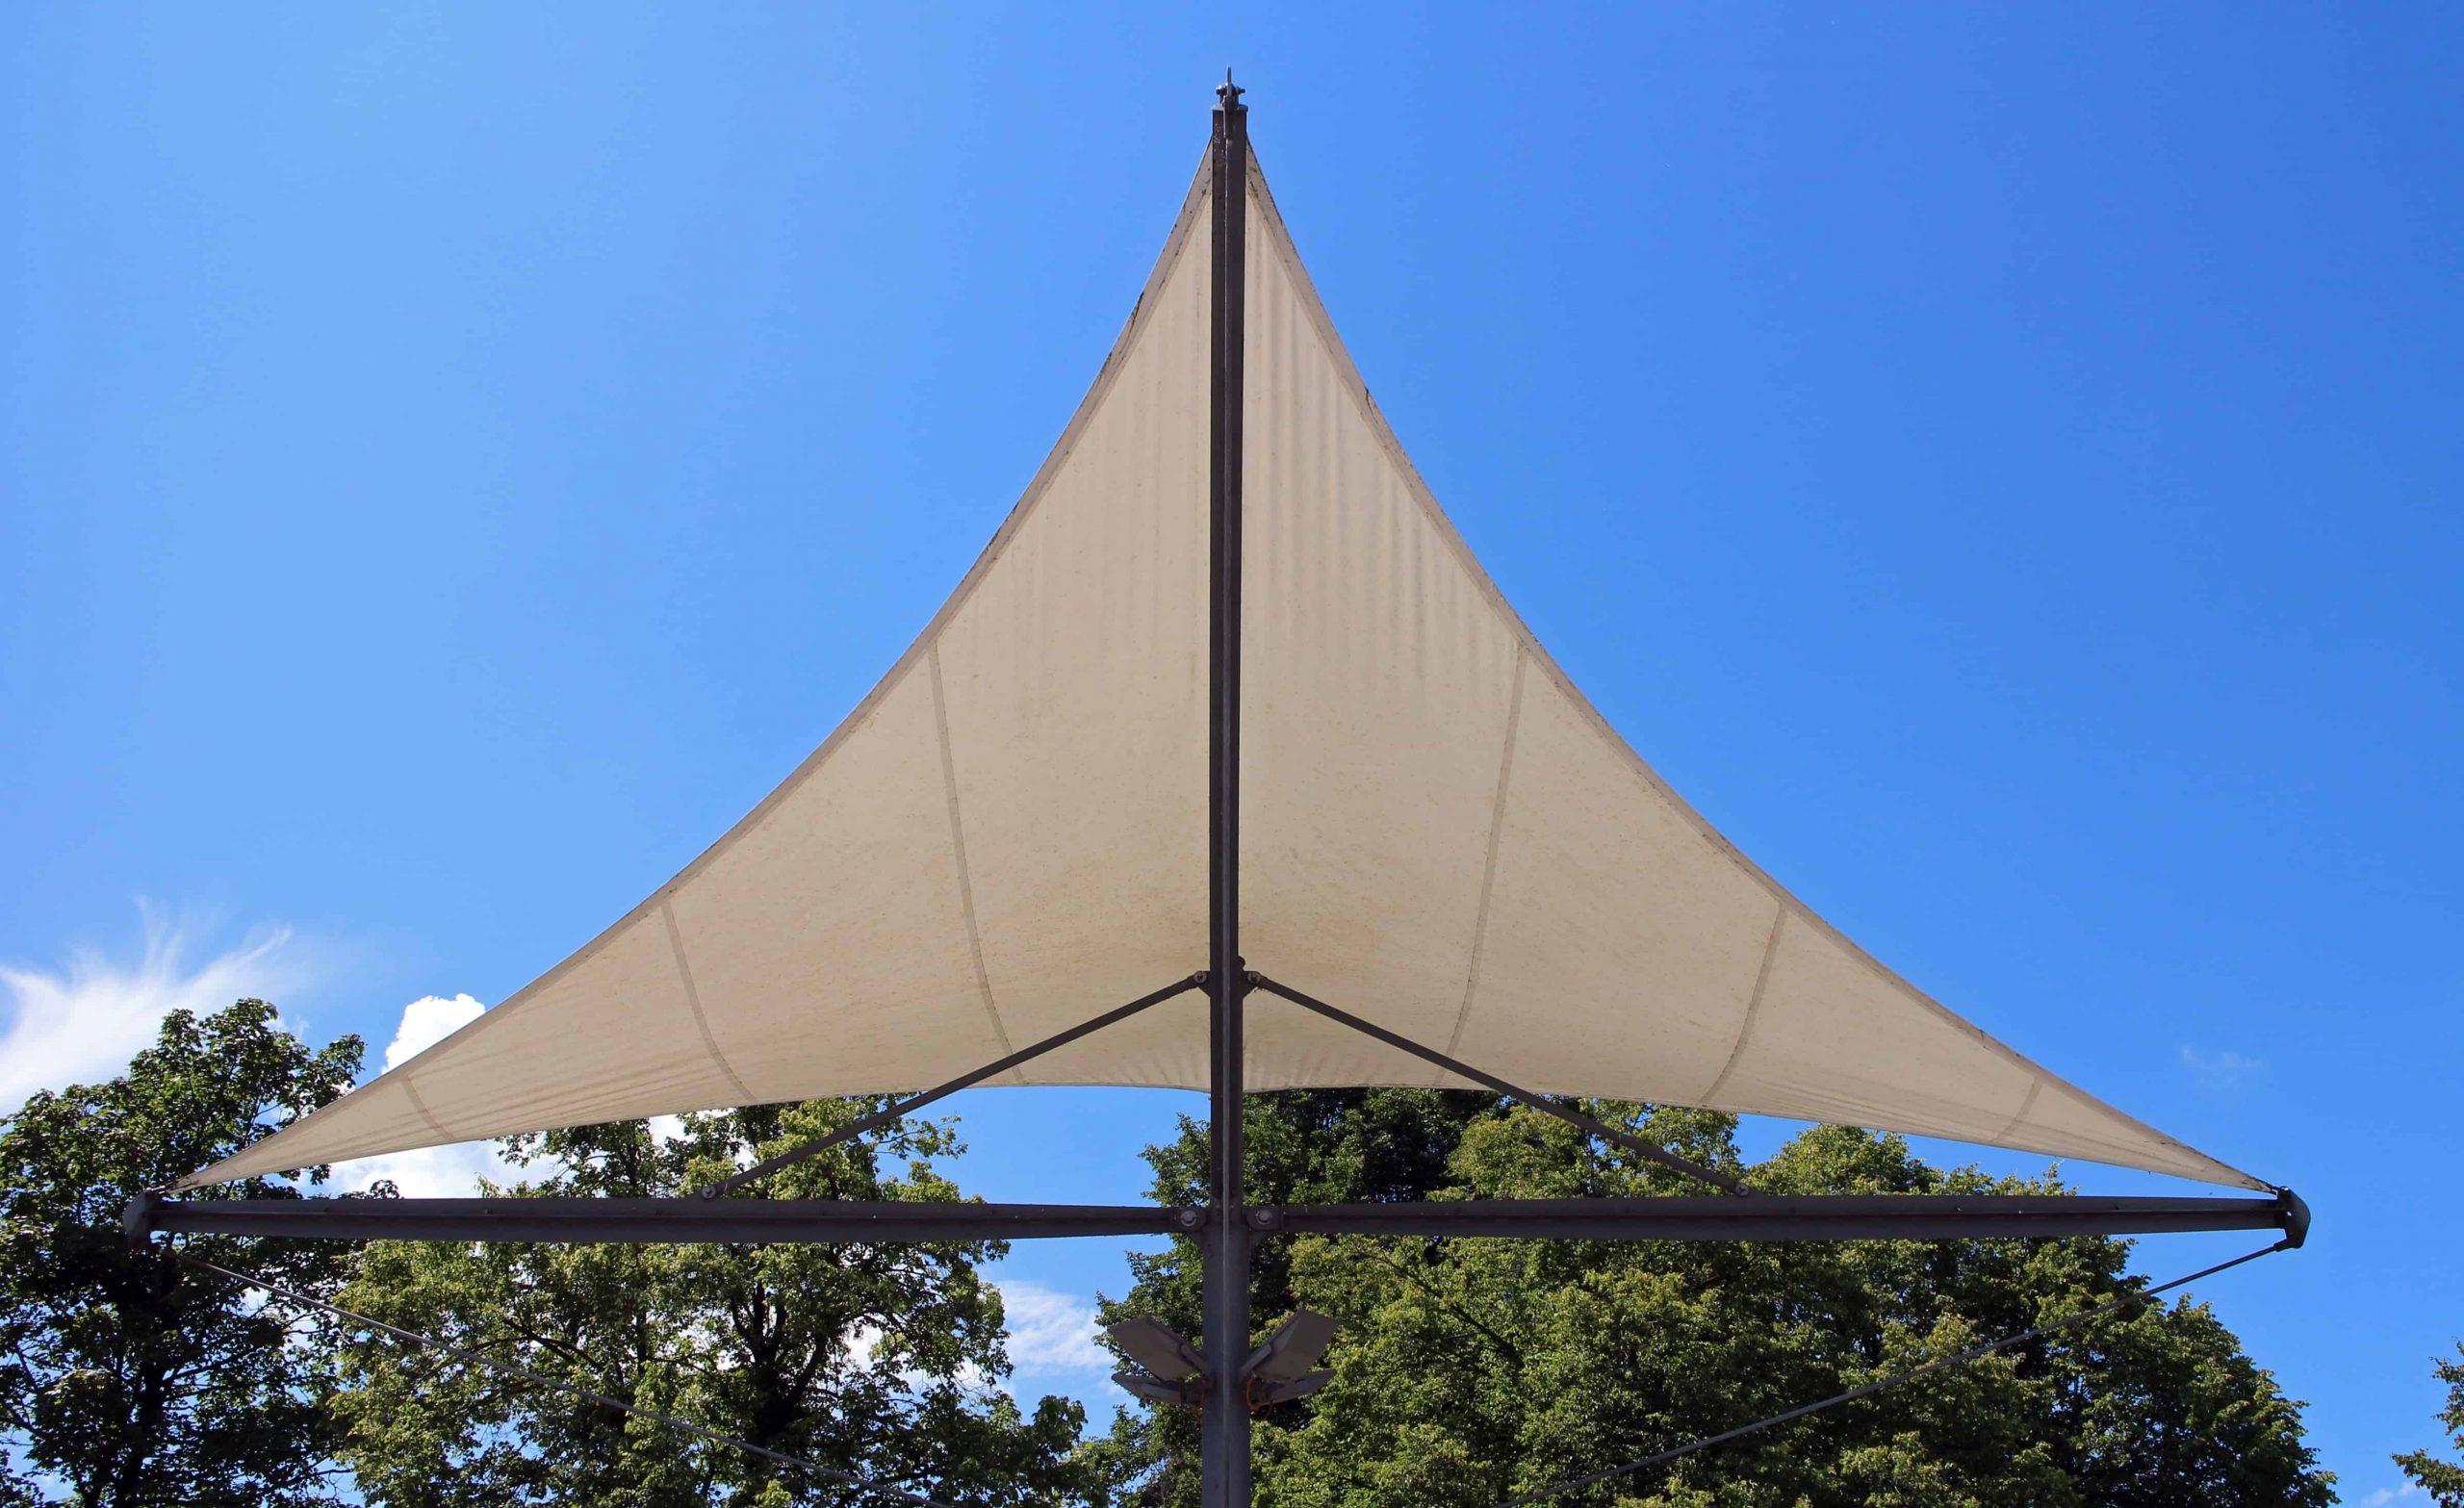 Sonnensegel: Test & Empfehlungen (06/20)